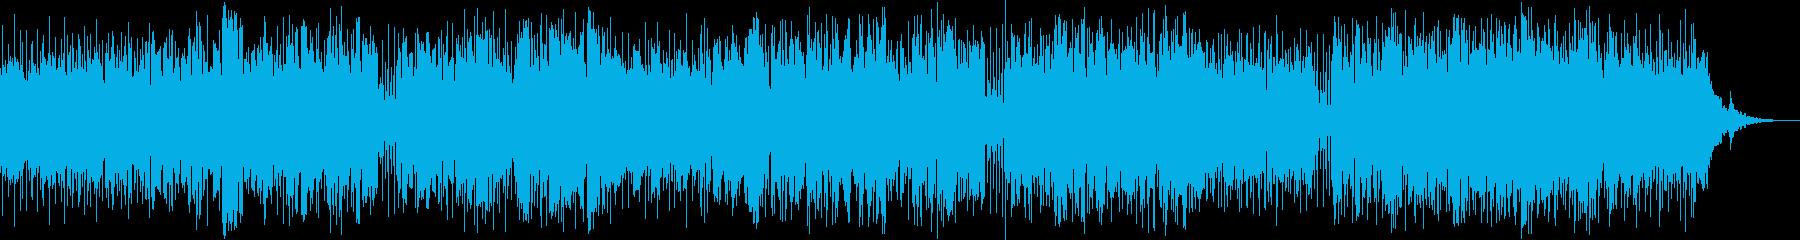 明るくおしゃれに演奏するジャズ・ポップの再生済みの波形